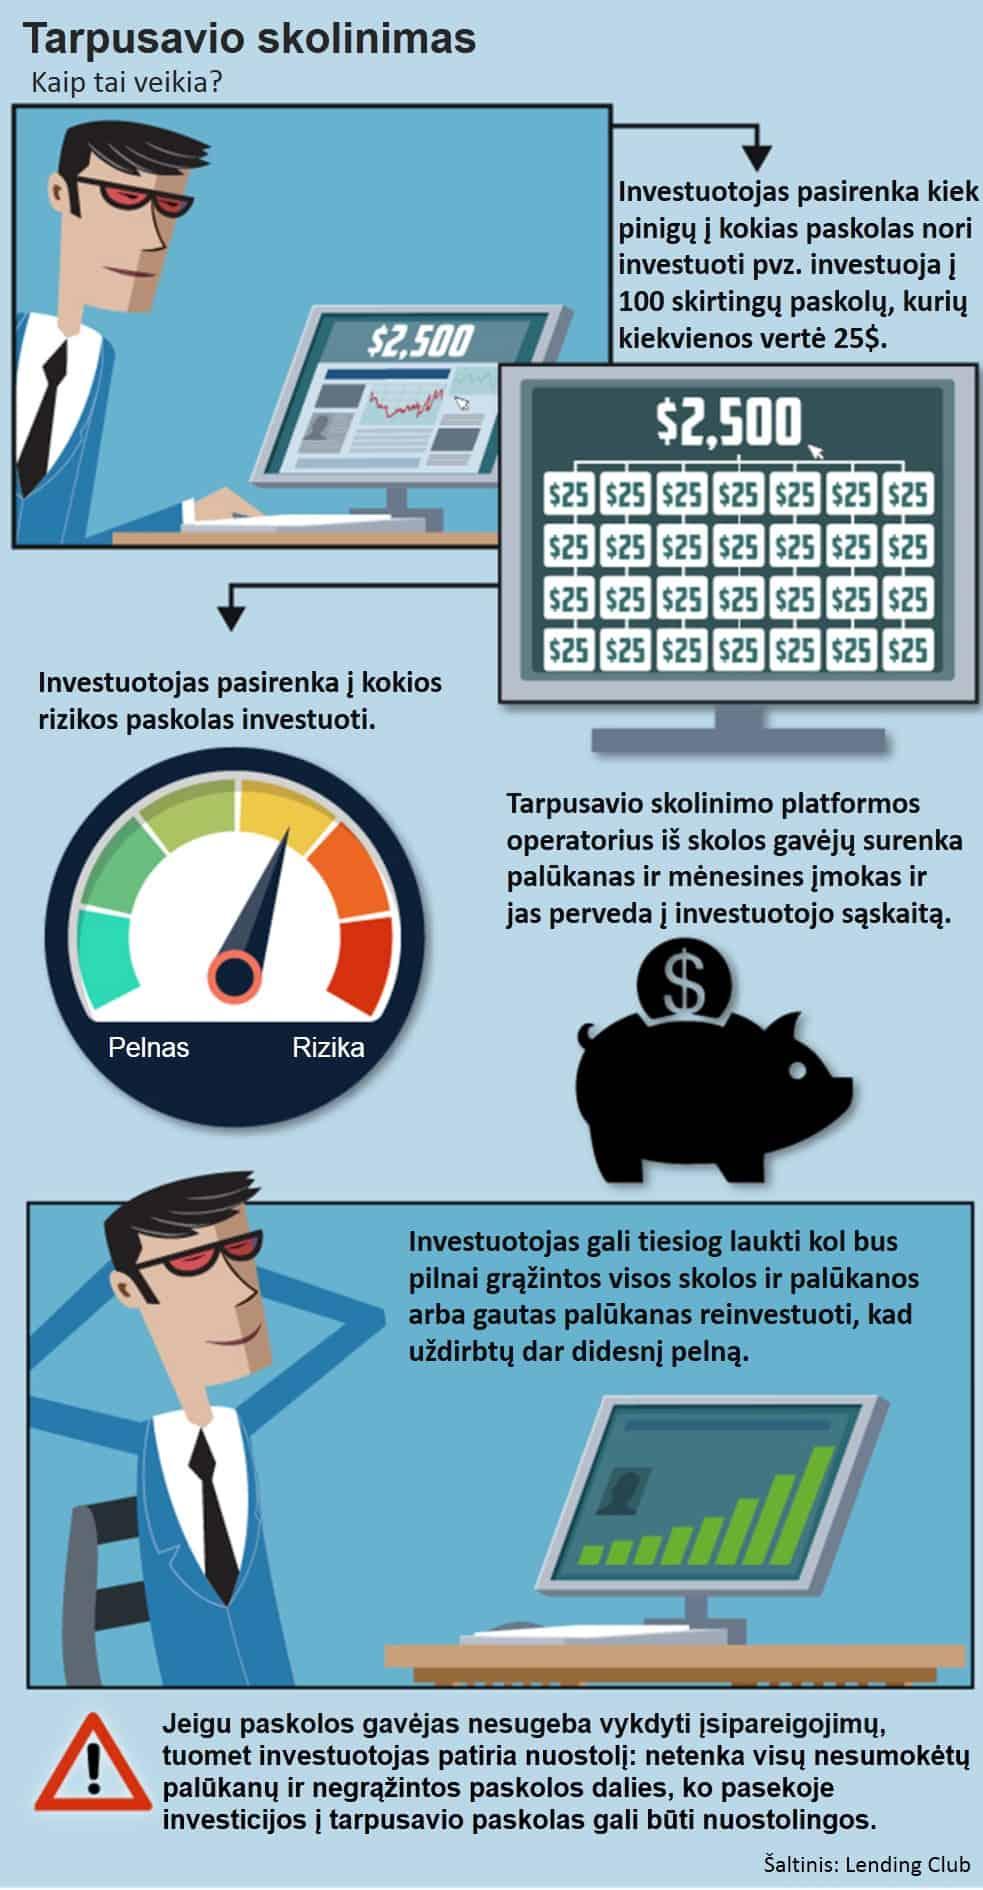 P2P trapusavio skolinimas: investavimo procesas